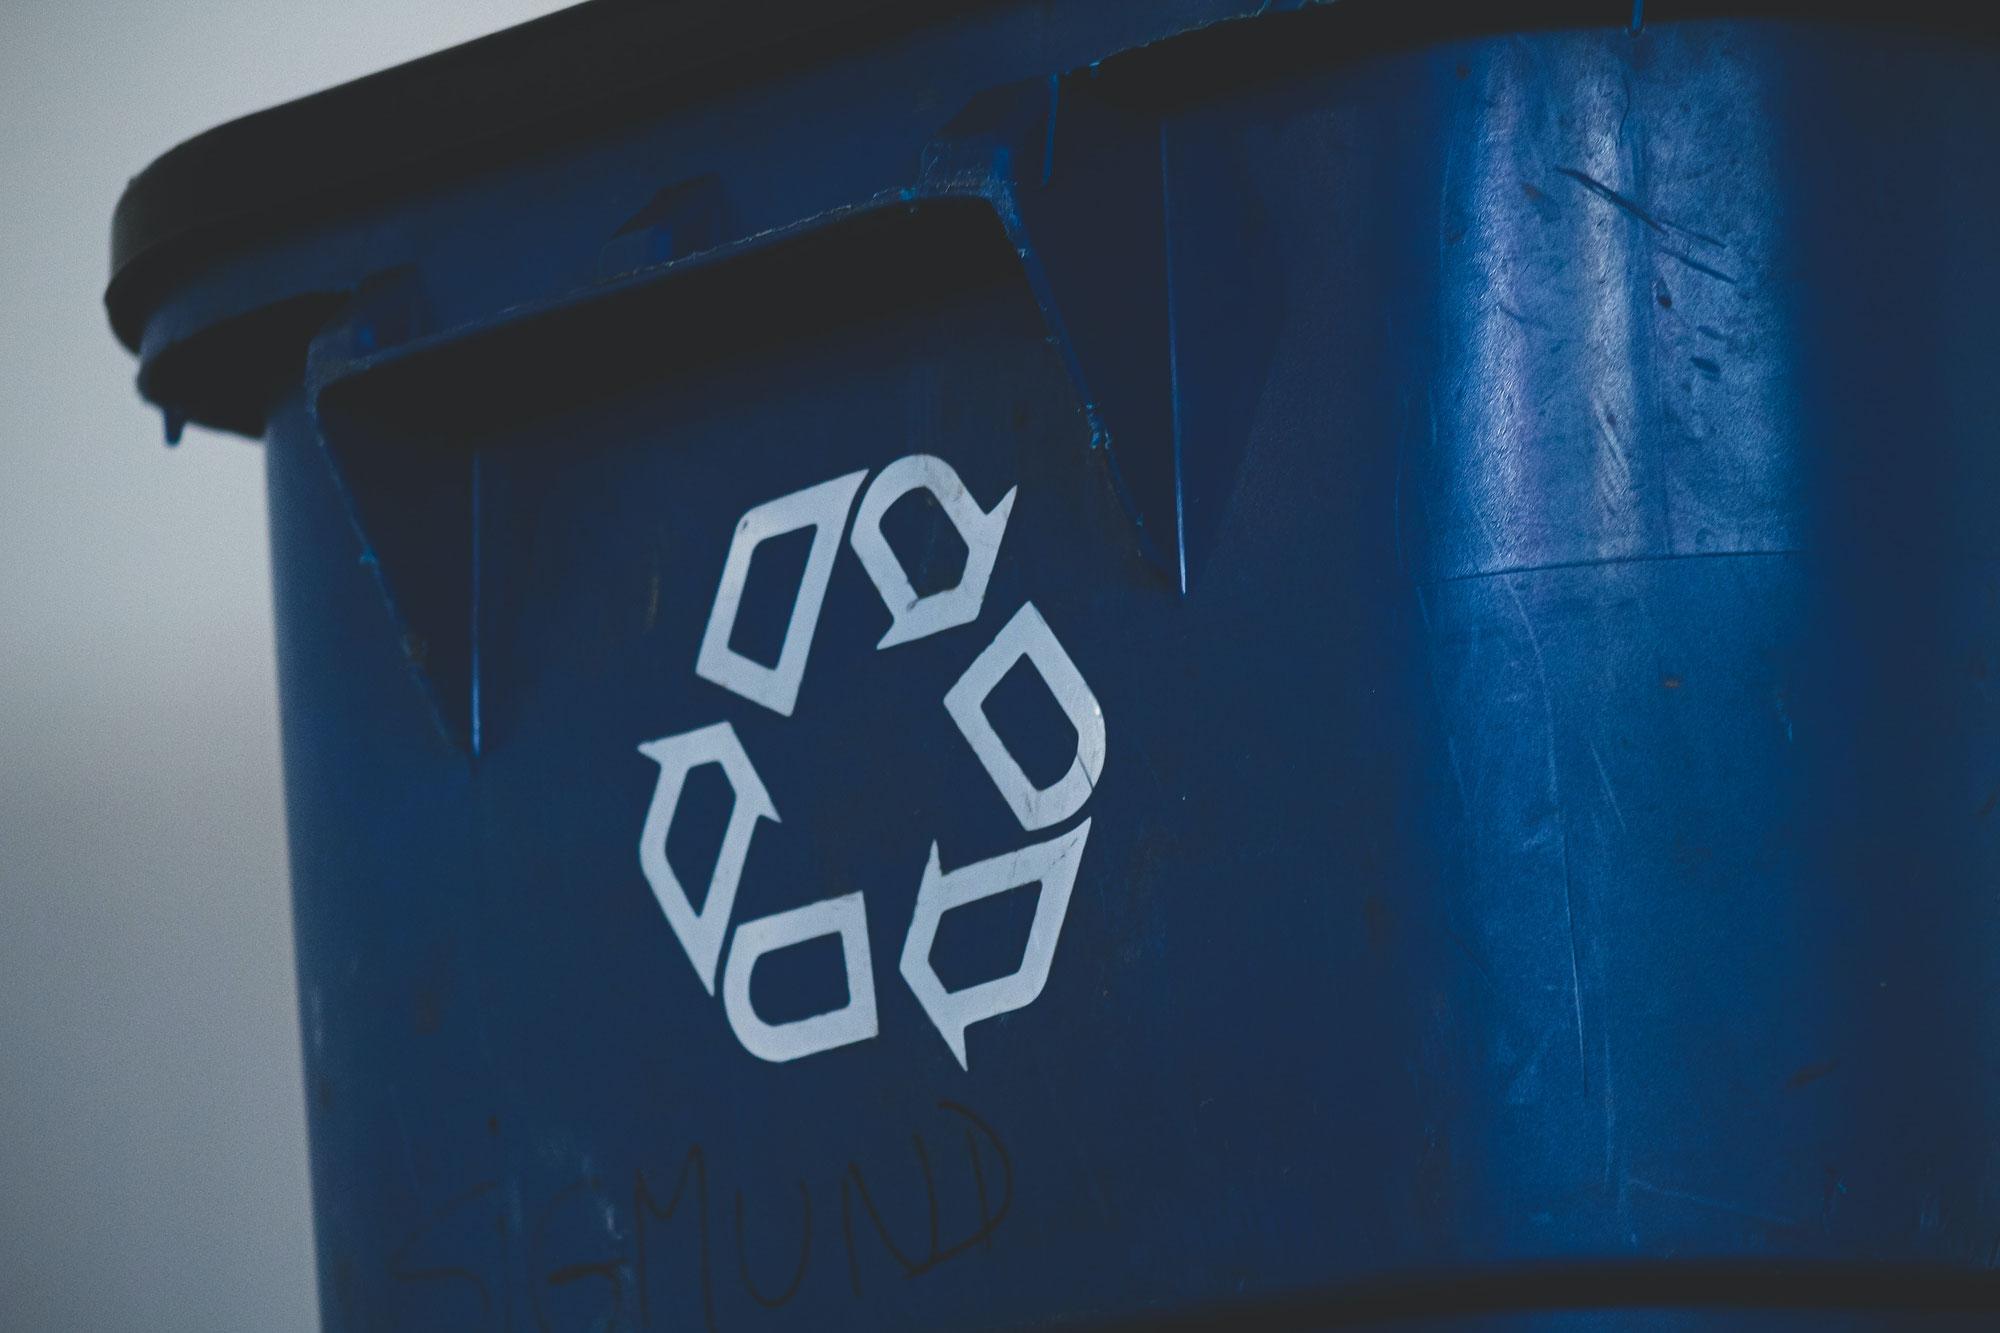 Recyclingfähigkeit von Verpackungen: Neuer deutscher Mindeststandard